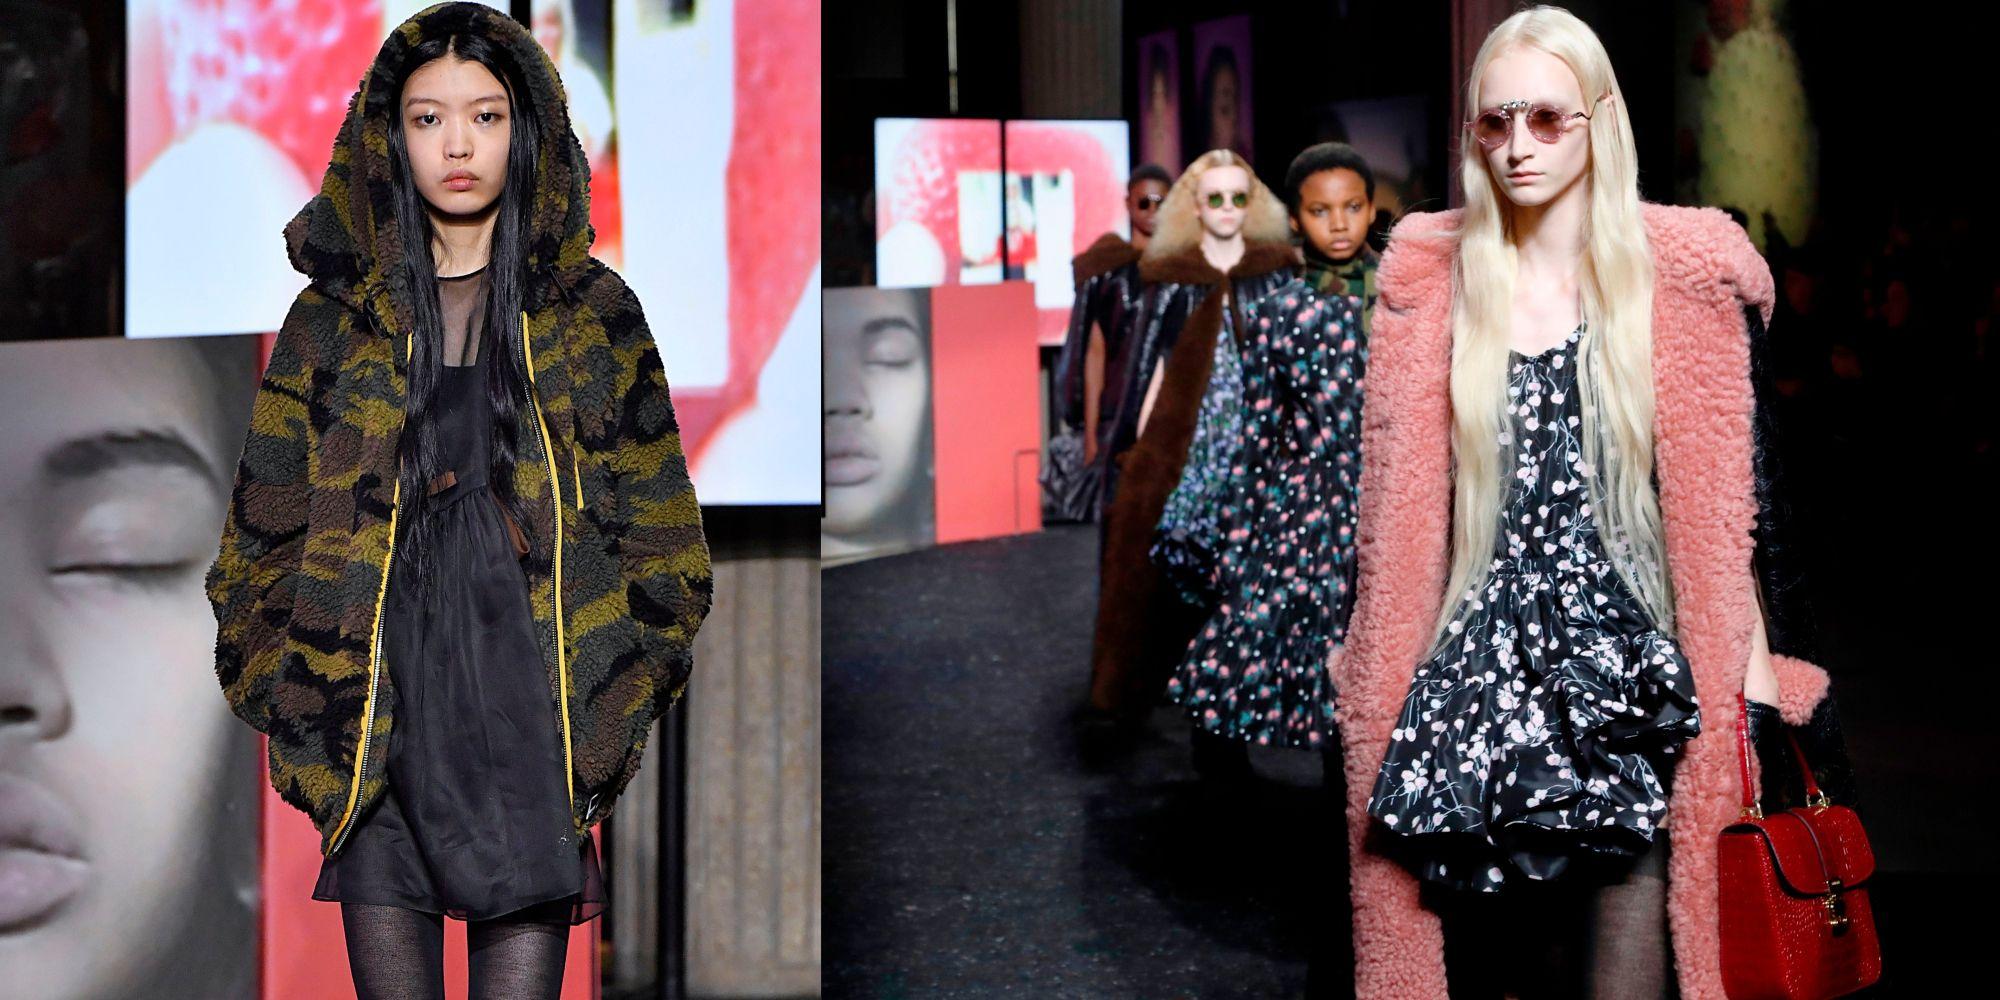 【巴黎時裝週】Miu Miu 宣布「迷彩」時尚回歸!迷彩大衣、迷彩包、迷彩靴⋯ 還有迷你太陽眼鏡!